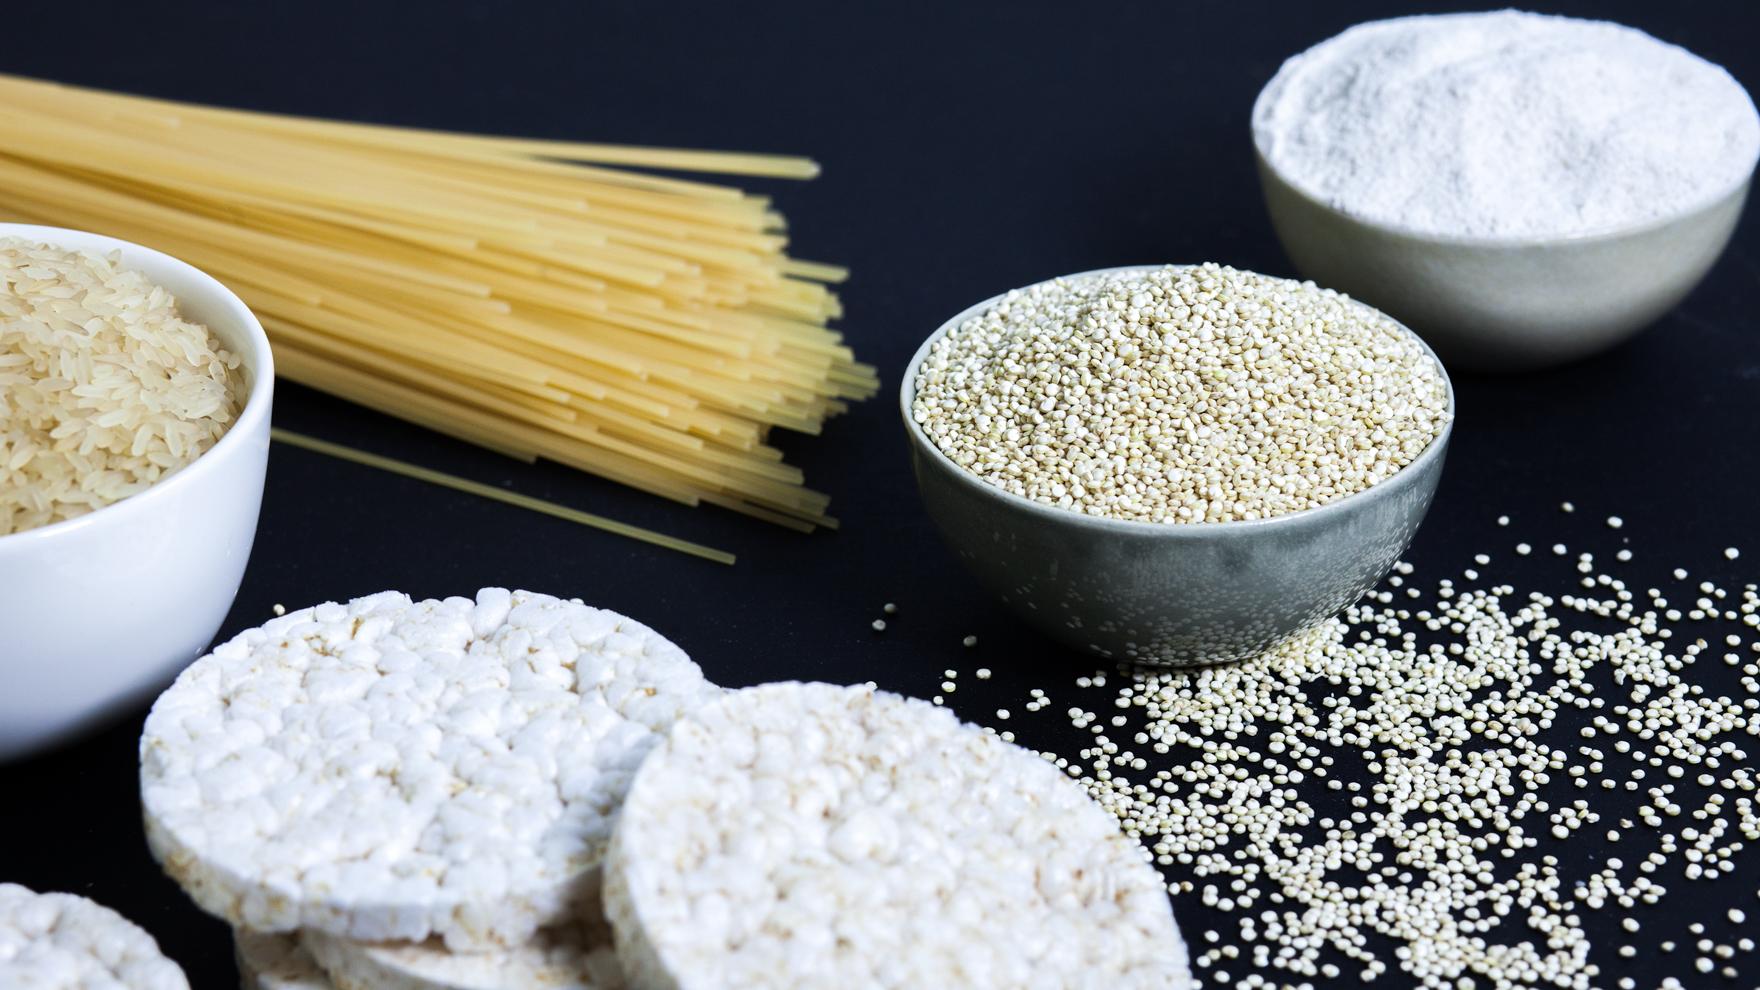 Gluteeniton ruoka maistuu koko perheelle – K-Ruoka